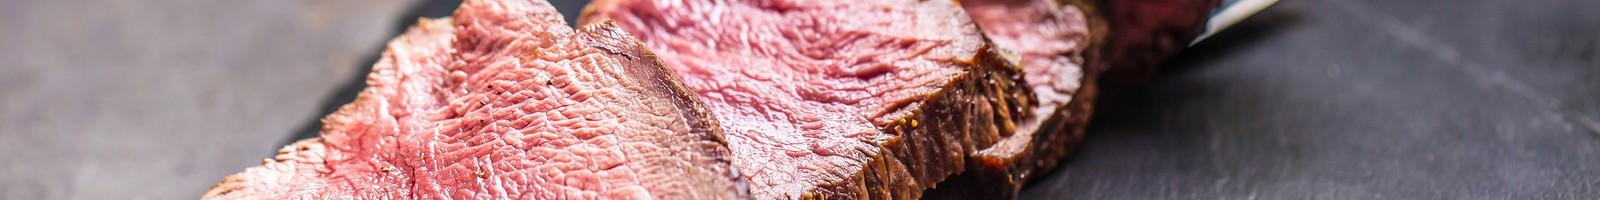 Consommer régulièrement de la viande rouge est-il réellement nocif pour la santé ?